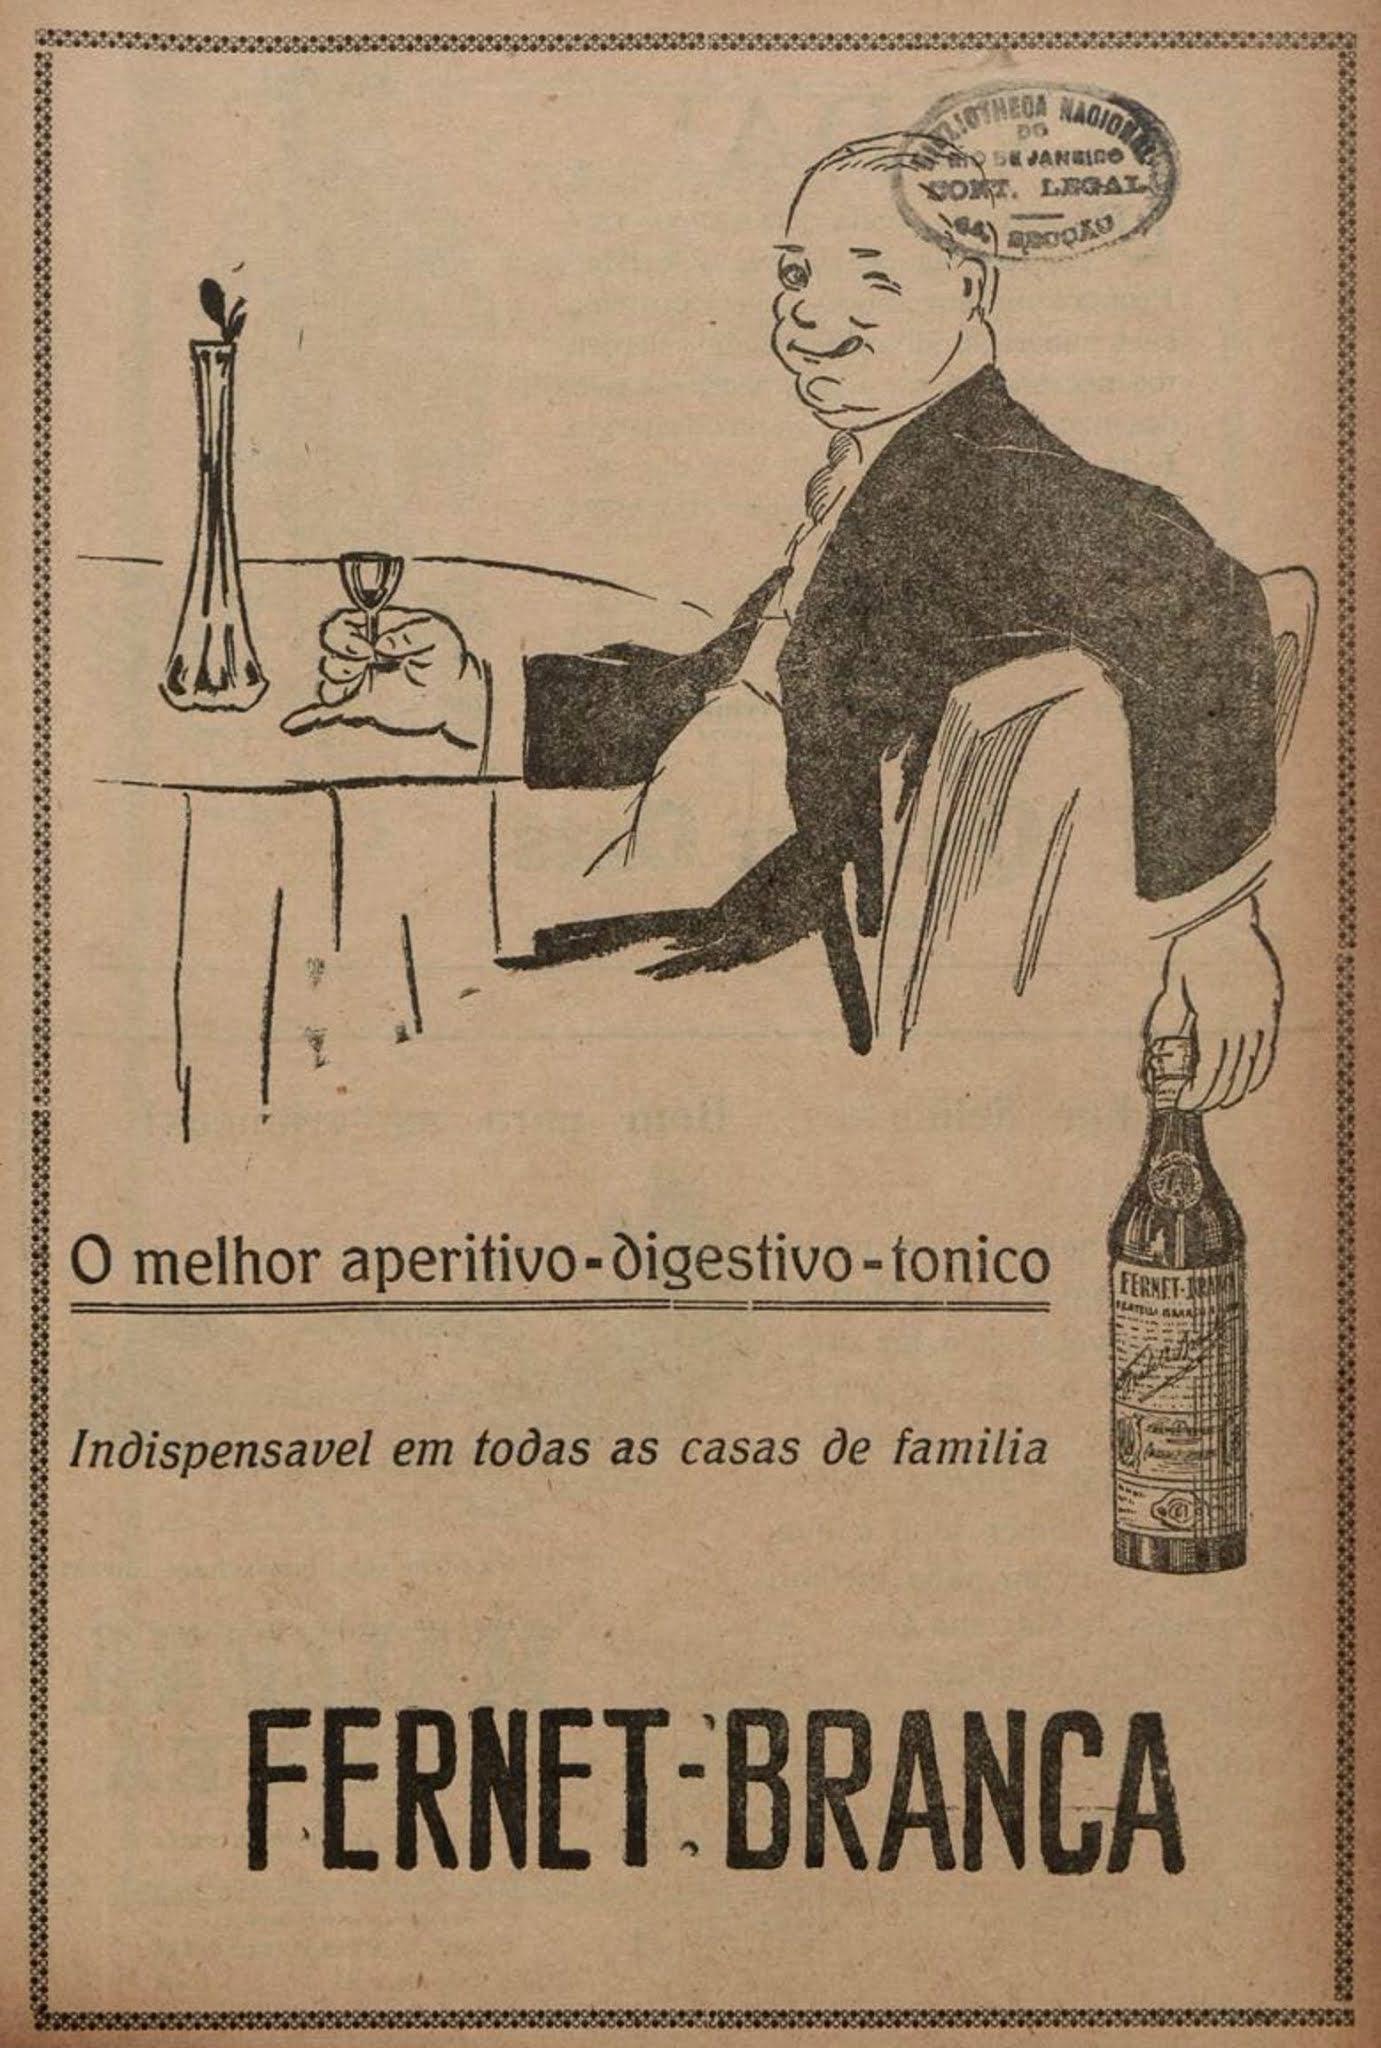 Anúncio de 1926 de um tônico digestivo veiculado na Revista A Cigarra